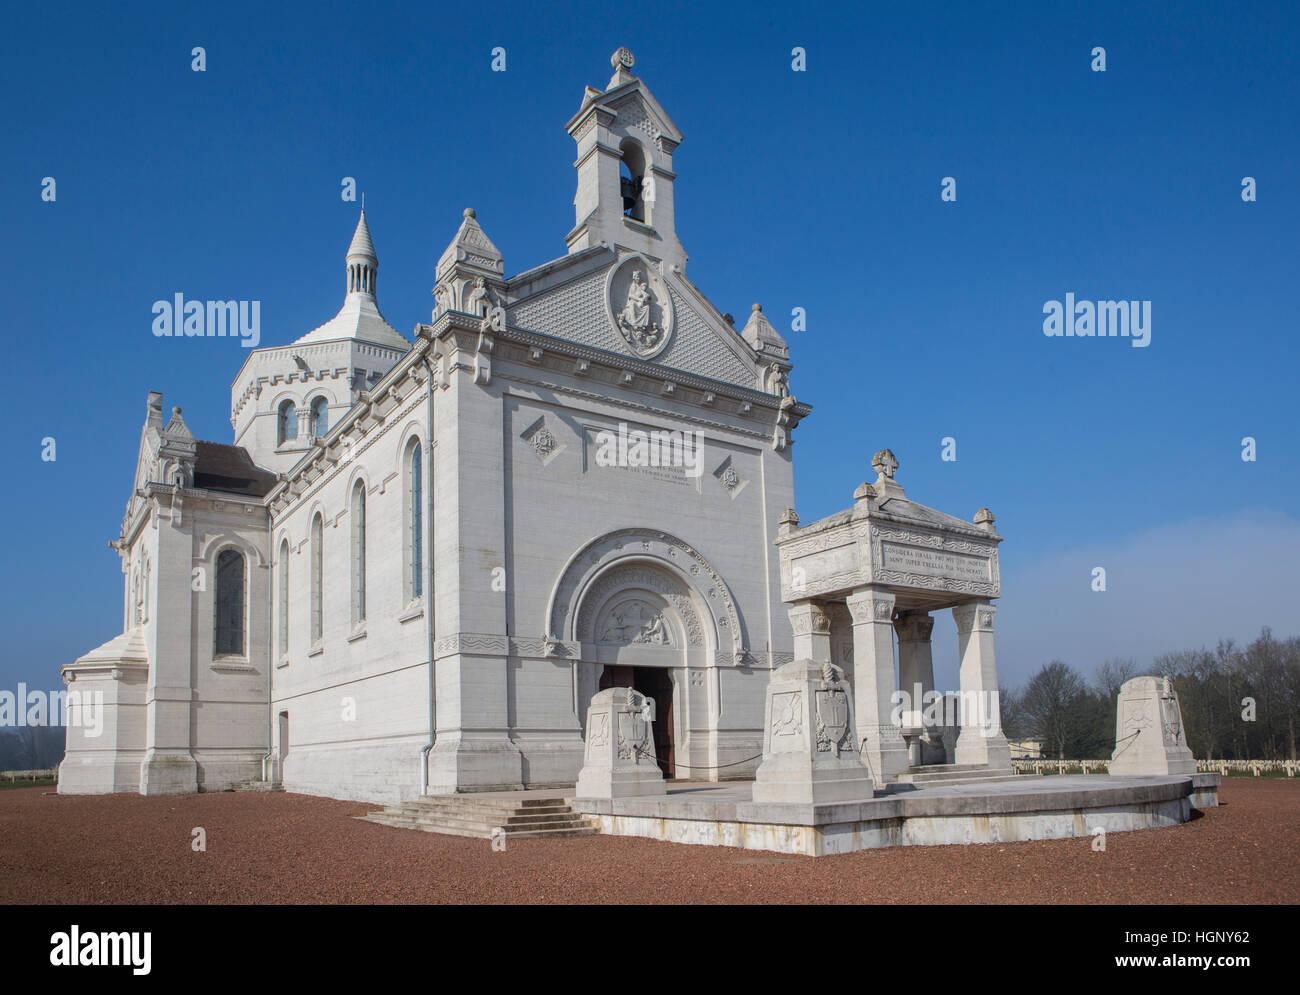 Notre Dame de Lorette, Arras, France. - Stock Image